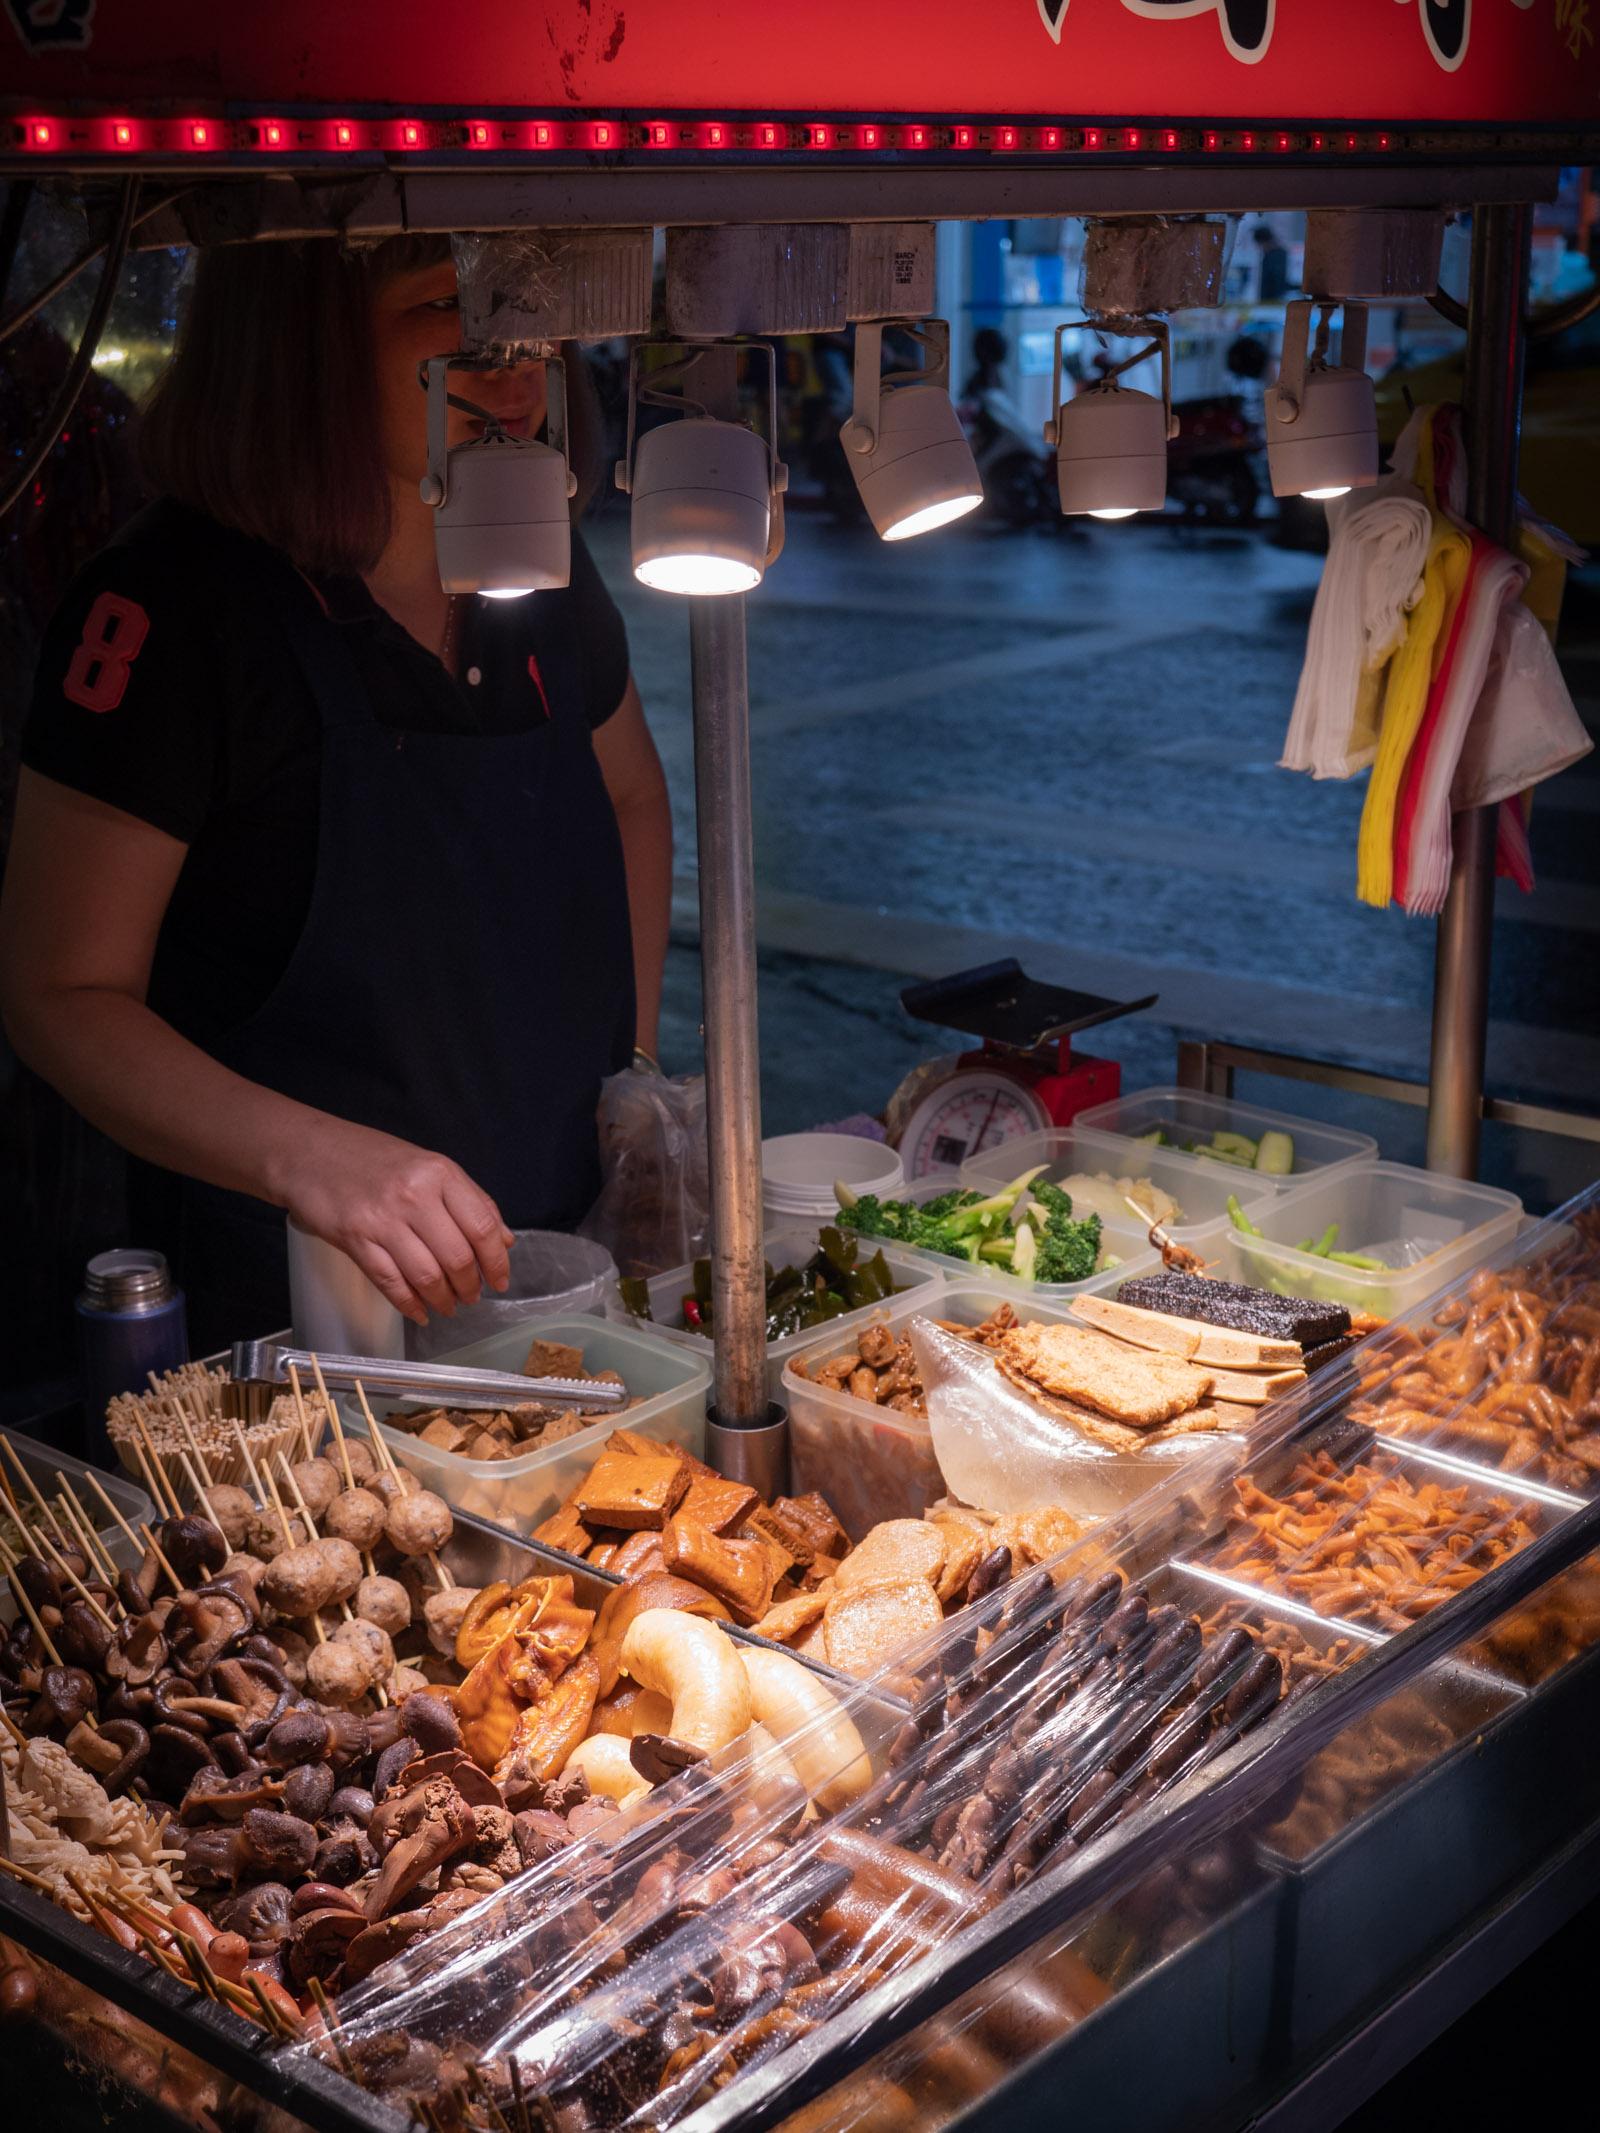 士林夜市の屋台 見慣れない食材が並ぶ